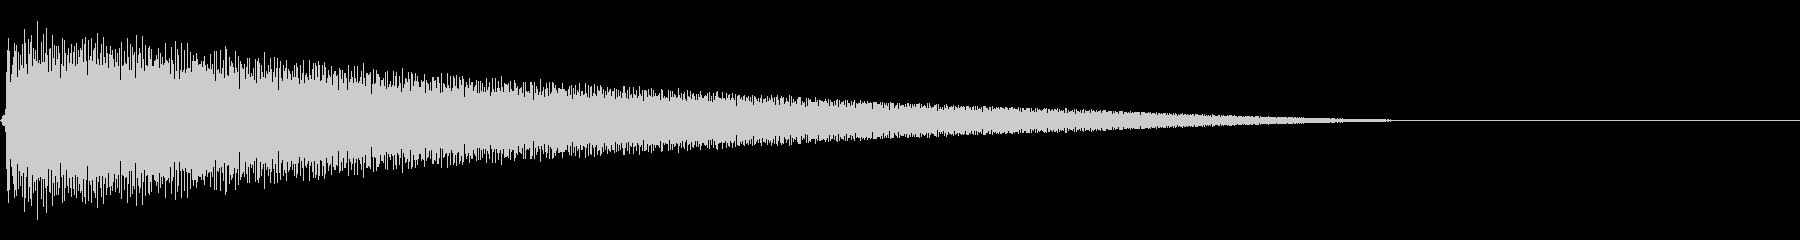 ごーーーーーんの未再生の波形